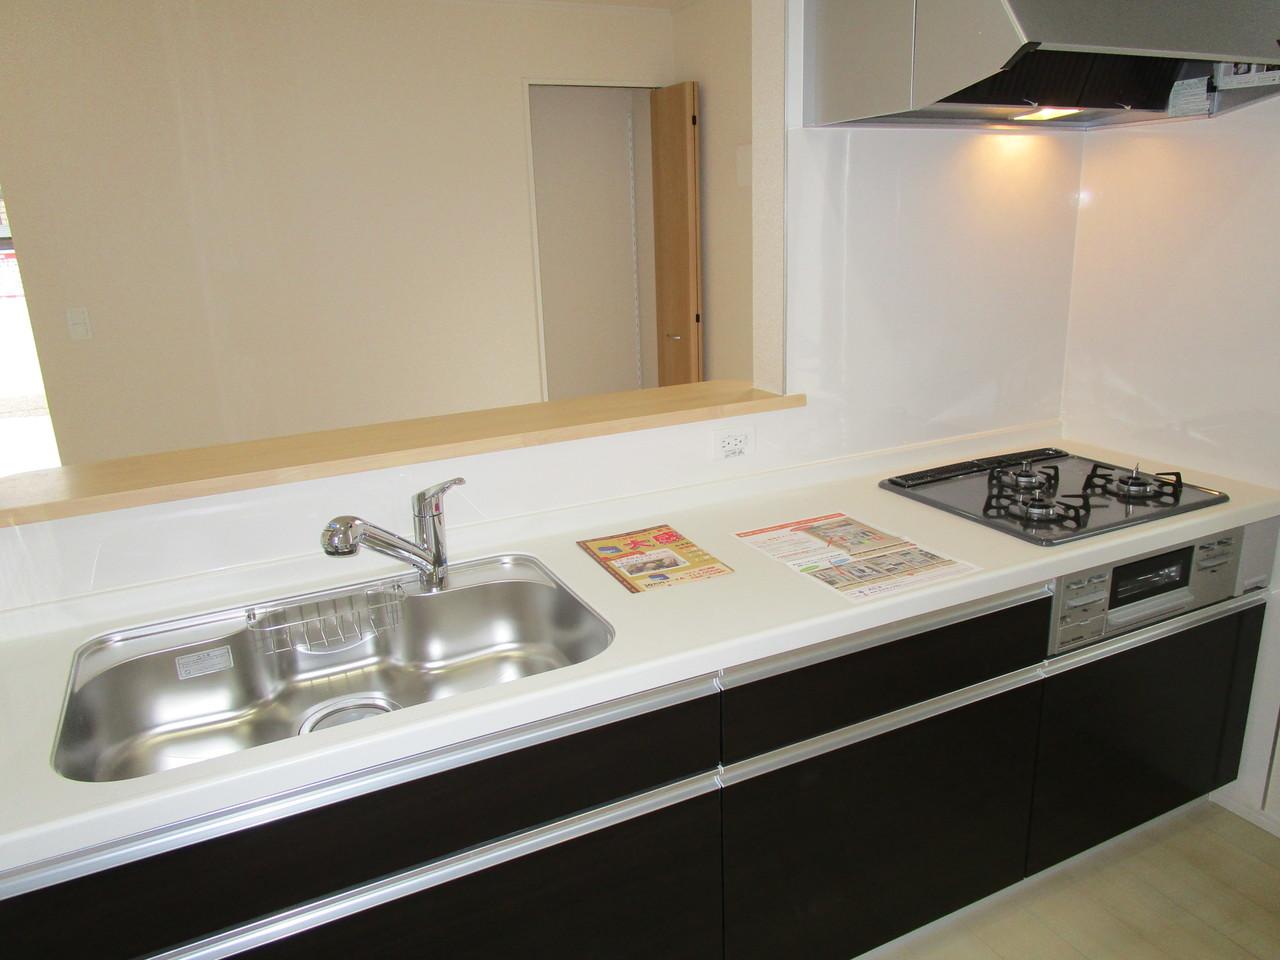 カウンターキッチンには引き出しタイプ収納がたくさん、使いやすいです